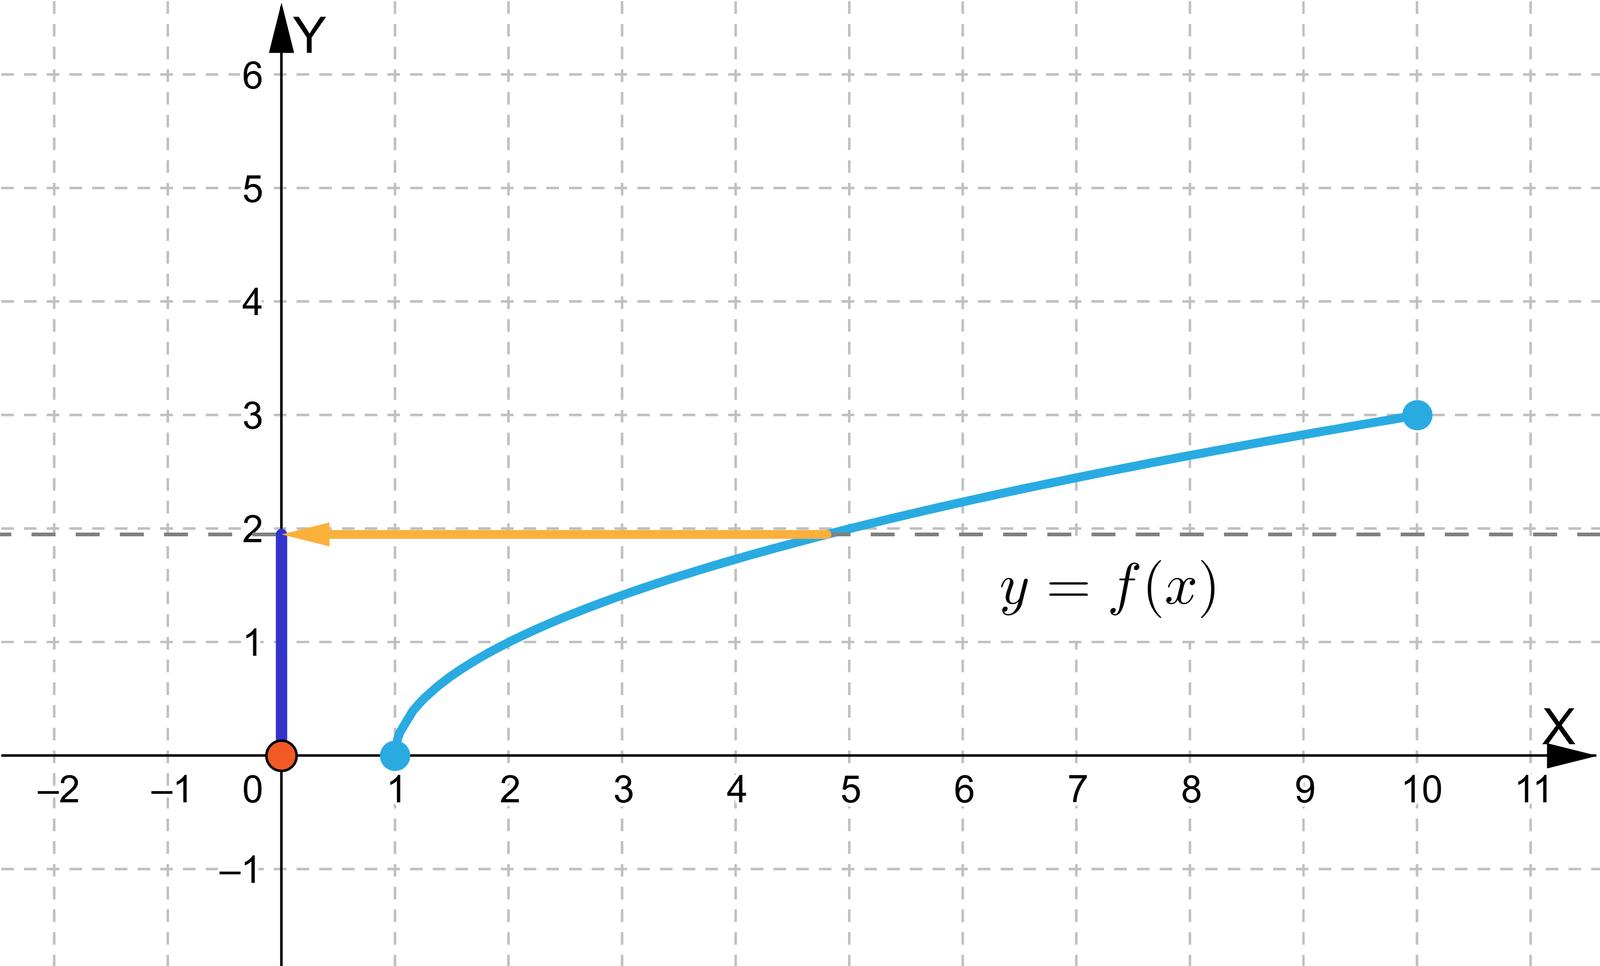 Ilustracja przedstawia układ współrzędnych zpoziomą osią X od minus dwóch do jedenastu oraz zpionową osią Y od minus jeden do sześciu. Wykres funkcji leży wpierwszej ćwiartce, jest włukowatym kształcie owybrzuszeniu skierowanym wskośnie wprawo ido góry. Wykres ten jest przesuniętym wykresem funkcji x ojeden wprawo, czyli jego początek znajduje się nie wpunkcie 0;0, awpunkcie 1;0. Koniec wykresu znajduje się wpunkcie 10;3. Funkcja jest rosnąca.